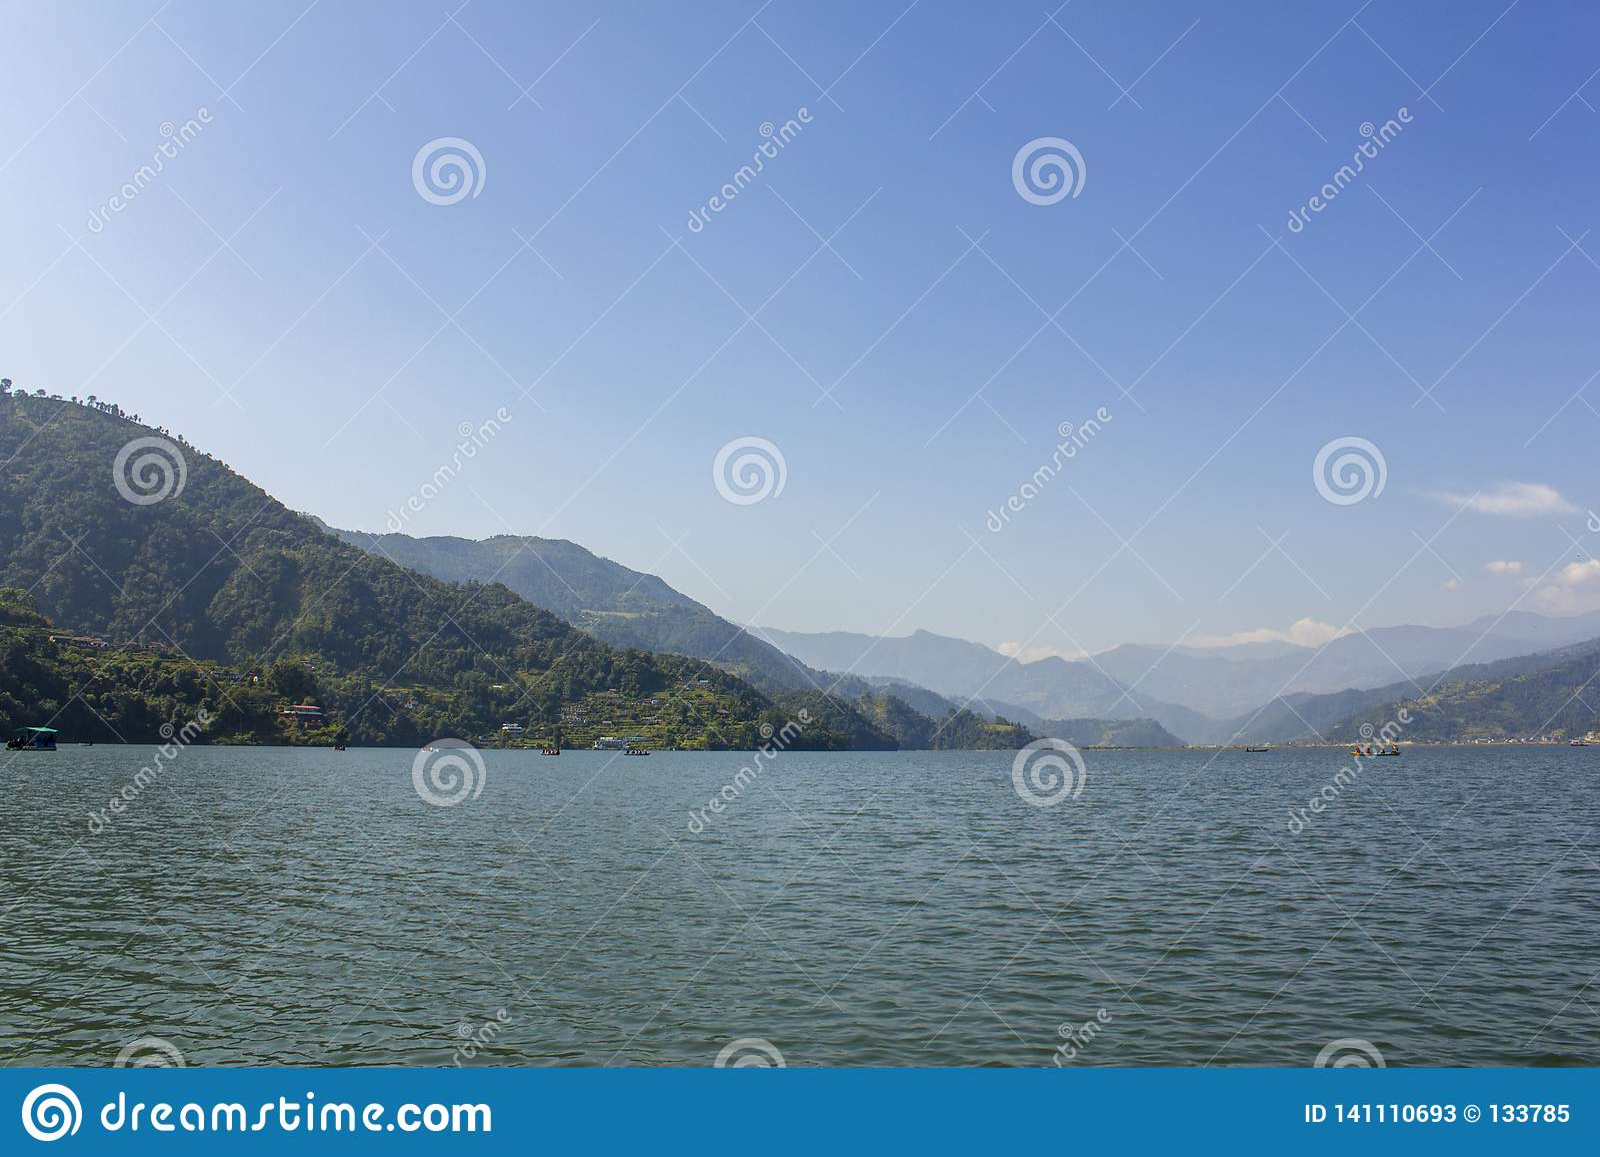 Lago con los barcos en el fondo de un valle verde de la montaña debajo del cielo azul, visión Phewa desde el agua